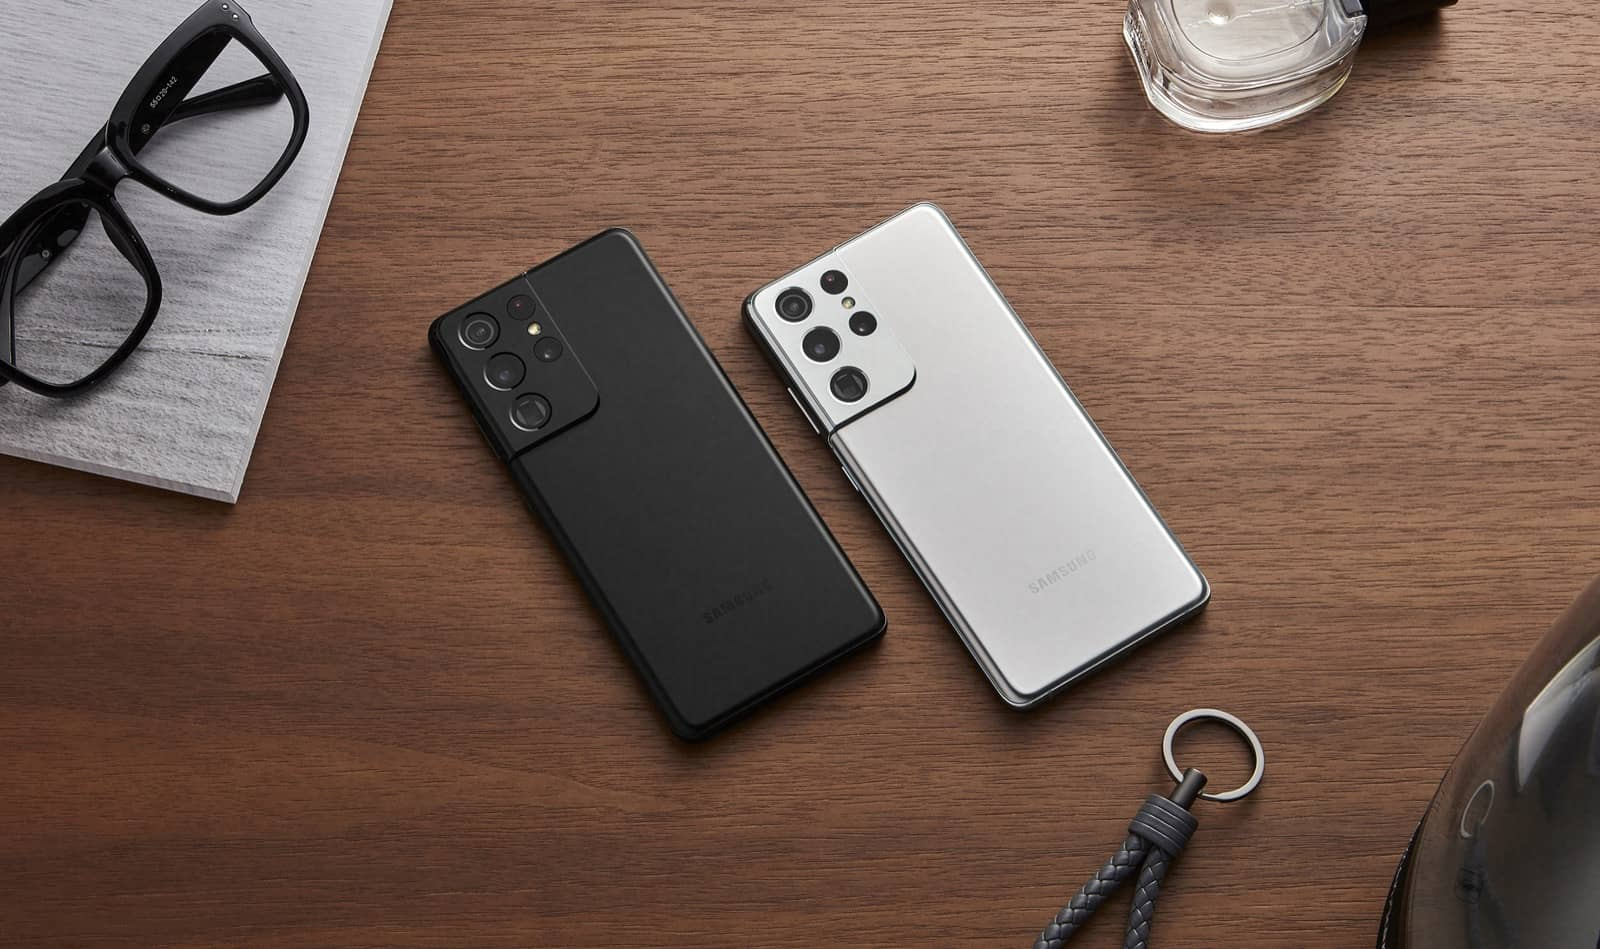 Samsung Galaxy S21 Ultra 21